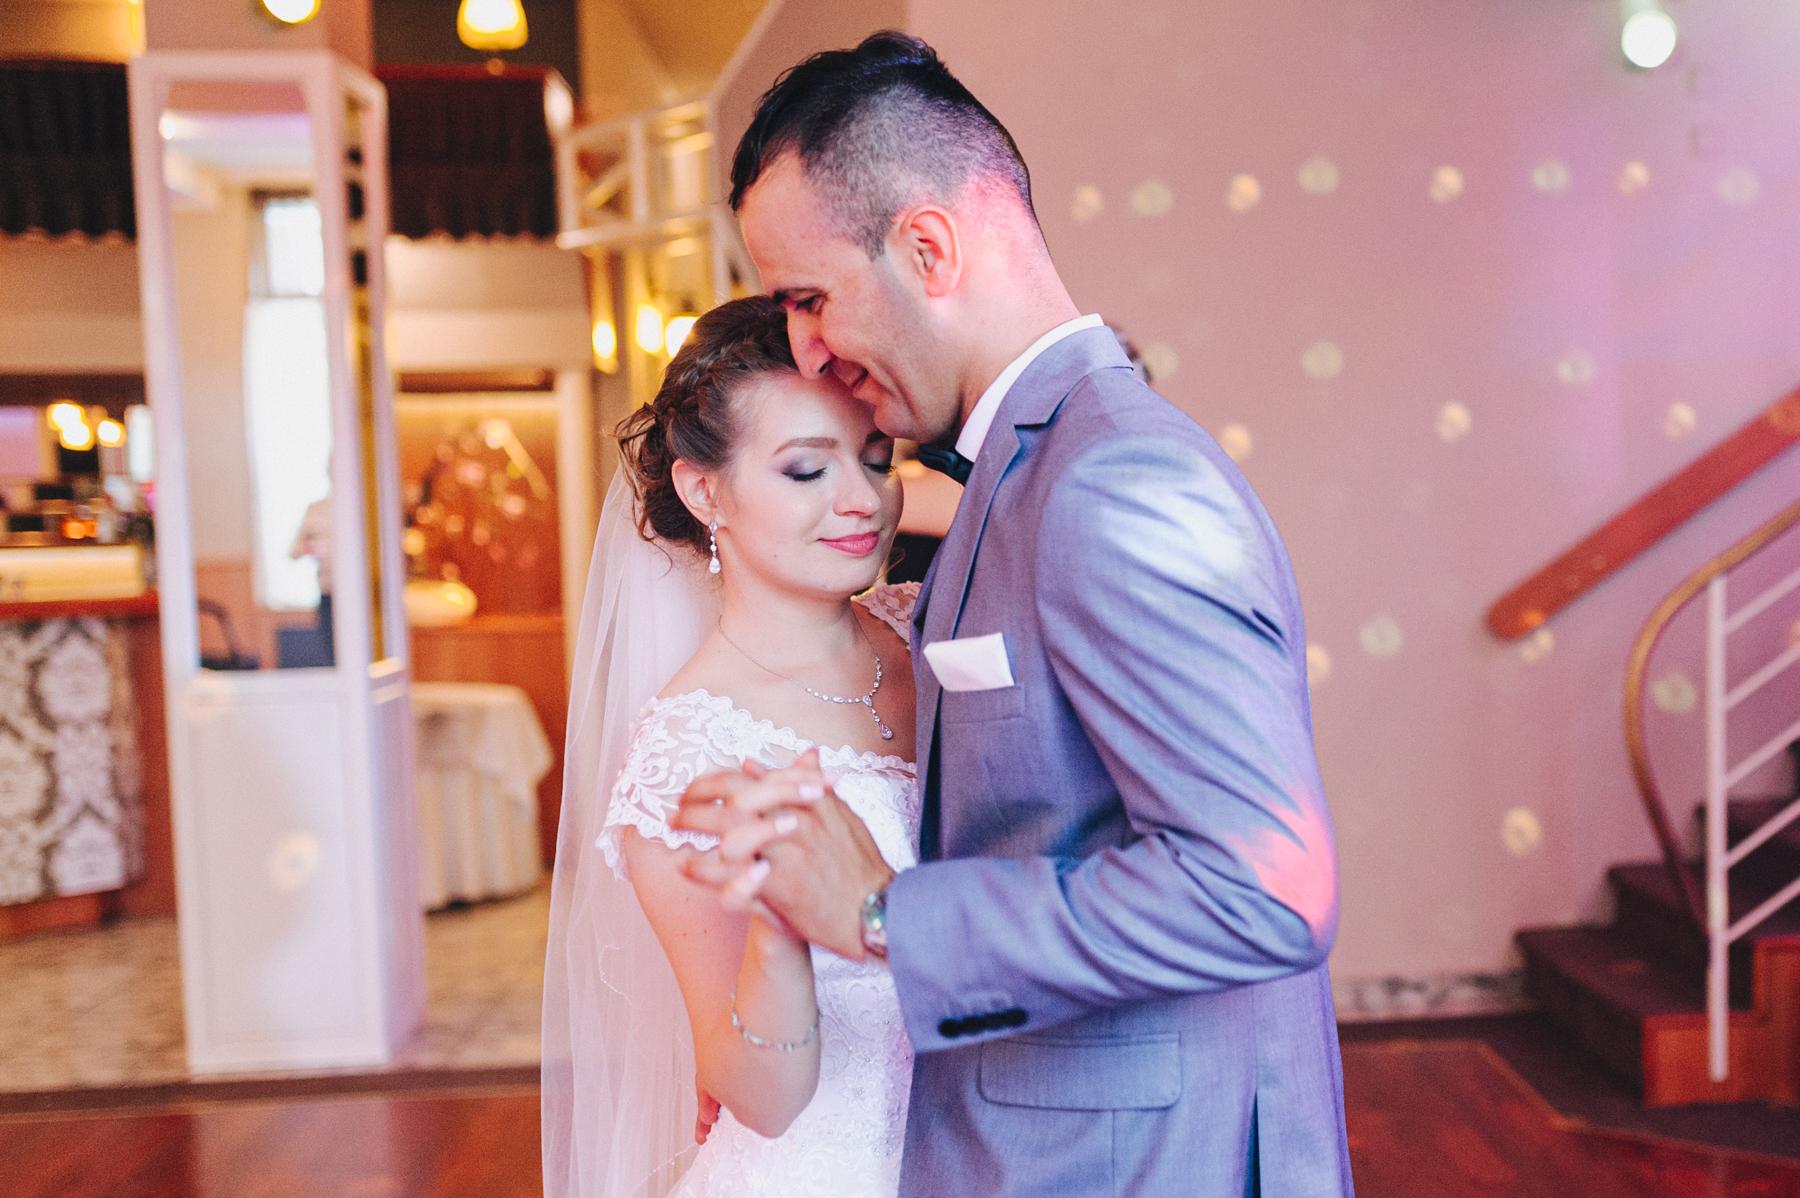 Ślub Alicji & Farman Tequila w Rumi